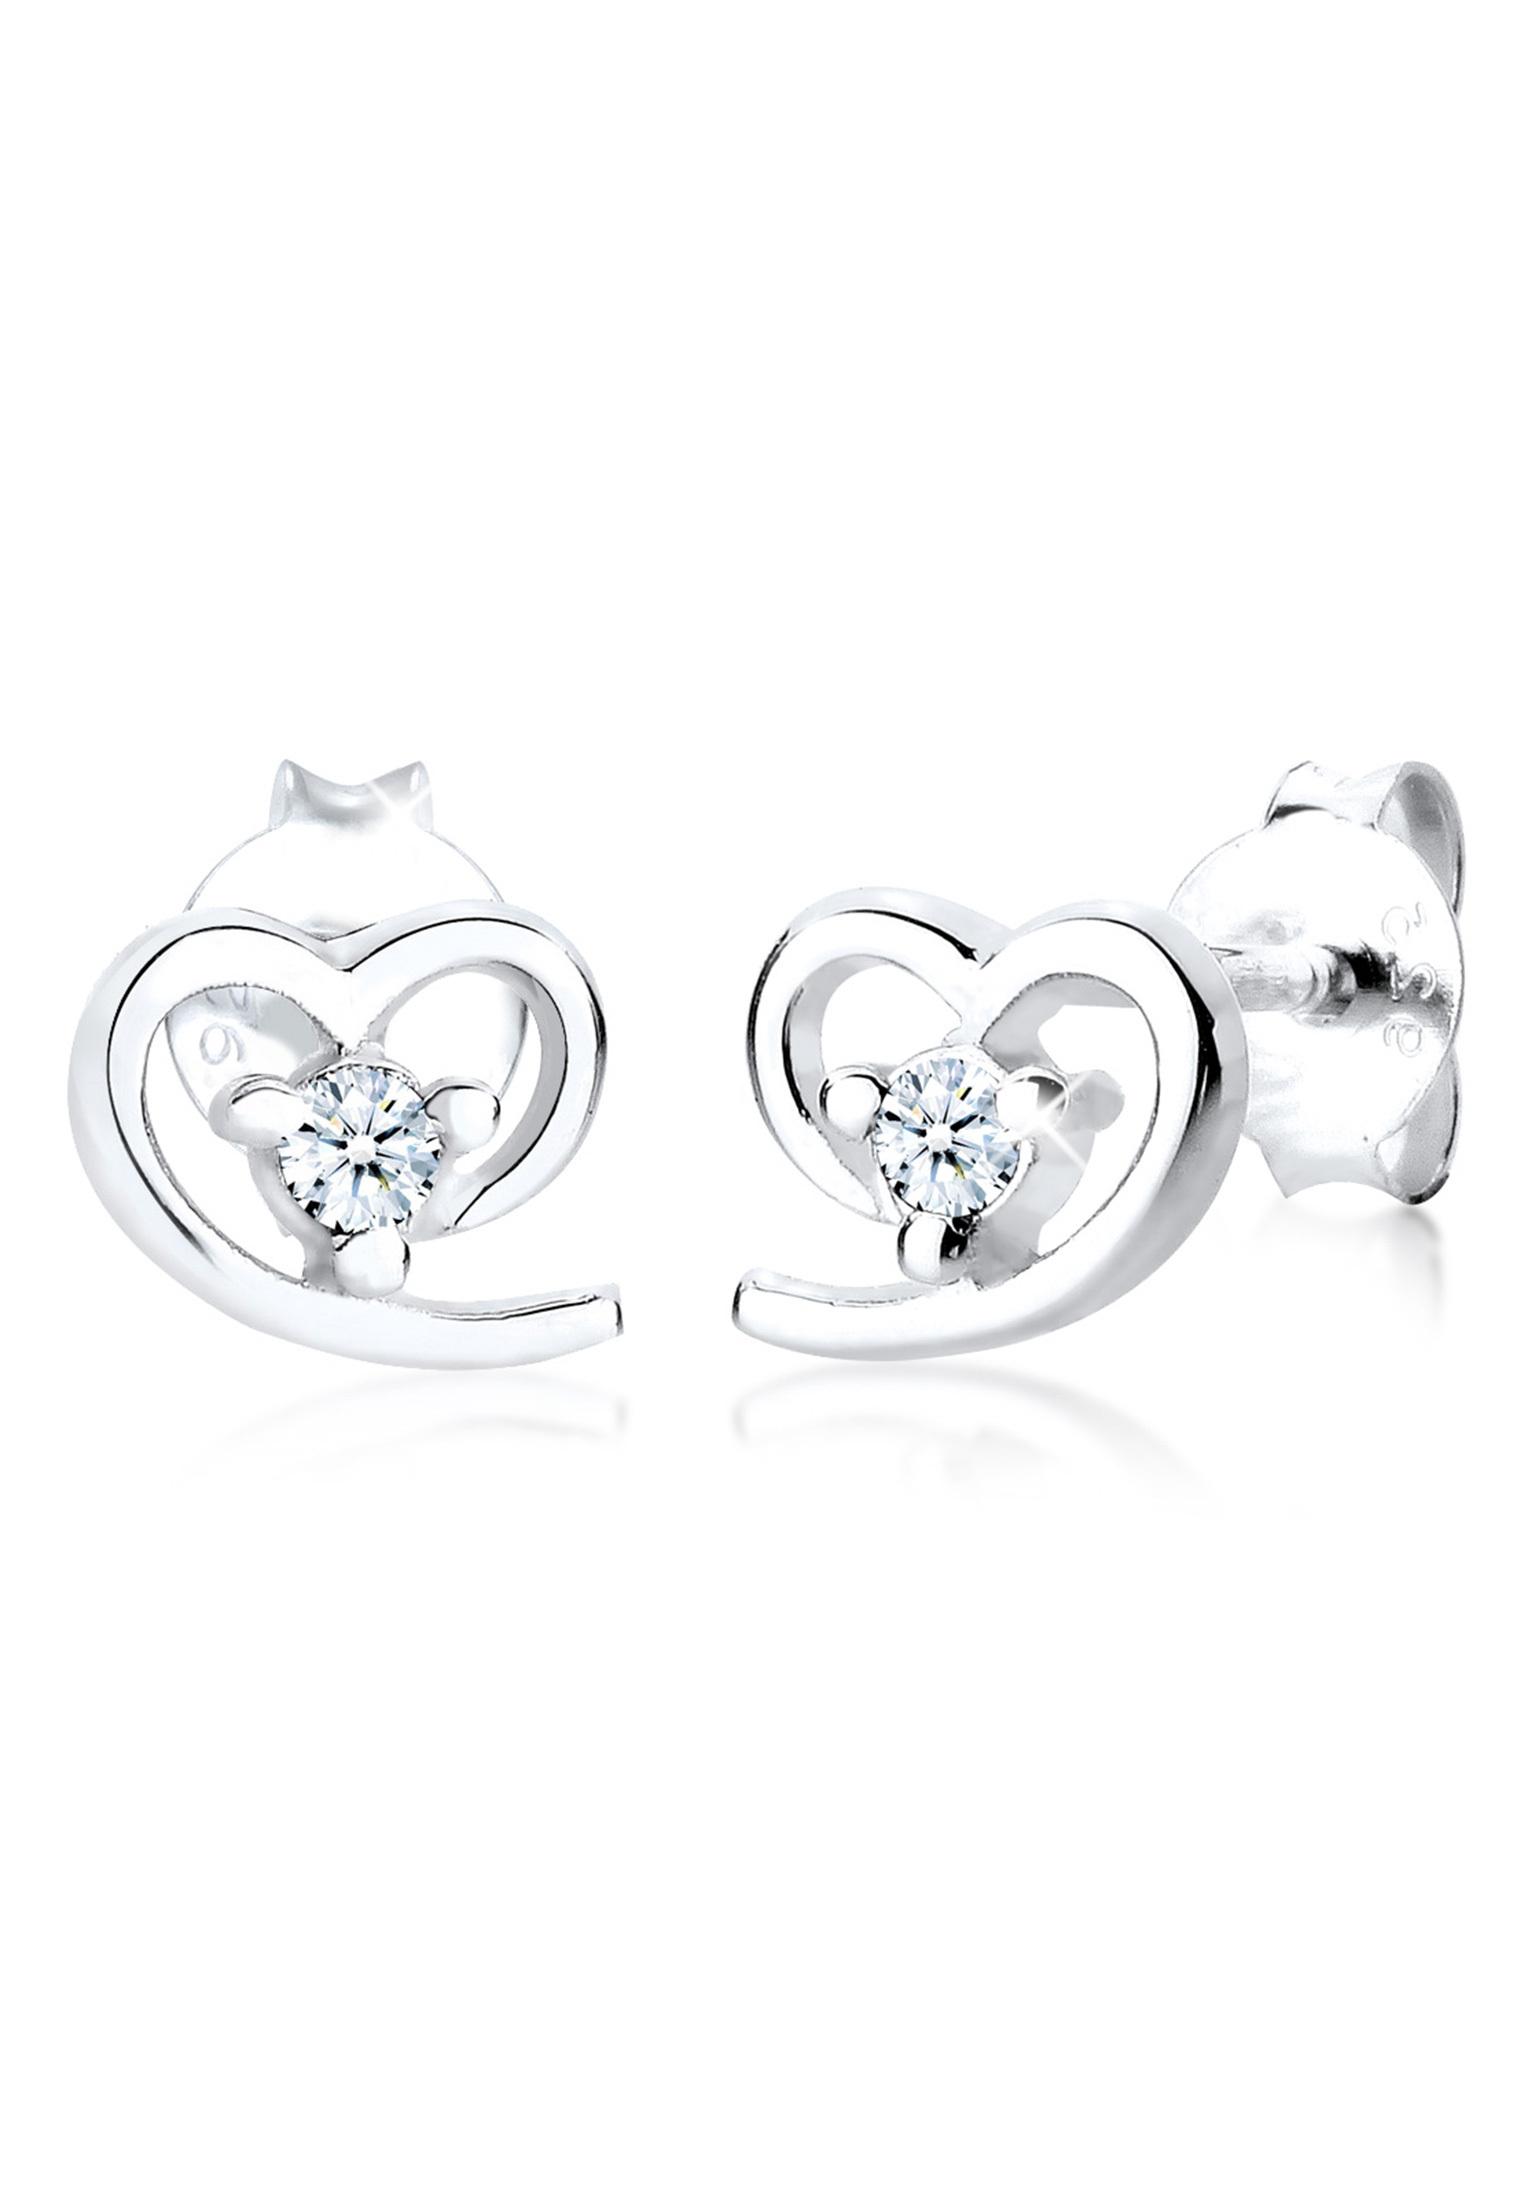 Ohrstecker Herz | Diamant ( Weiß, 0,06 ct ) | 925er Sterling Silber